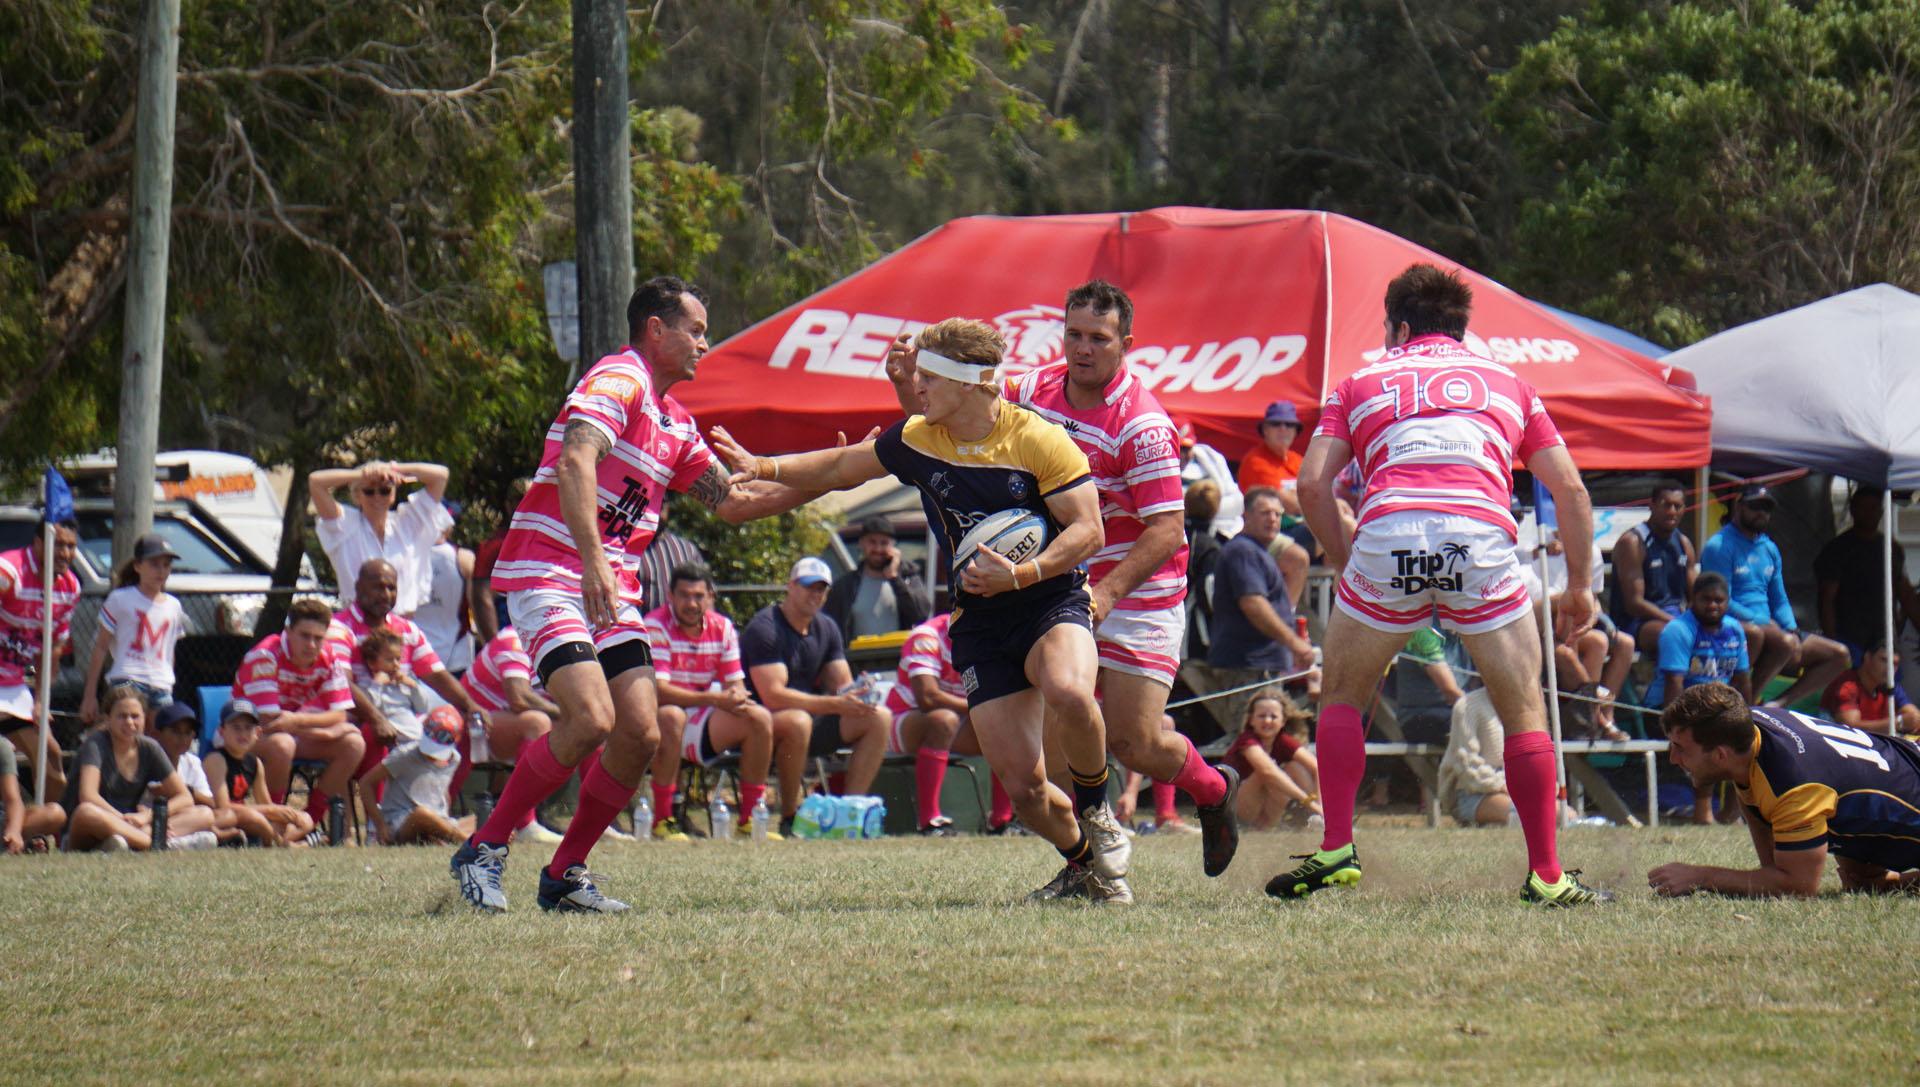 191019-20_Byron Bay Rugby 7s 2019_128